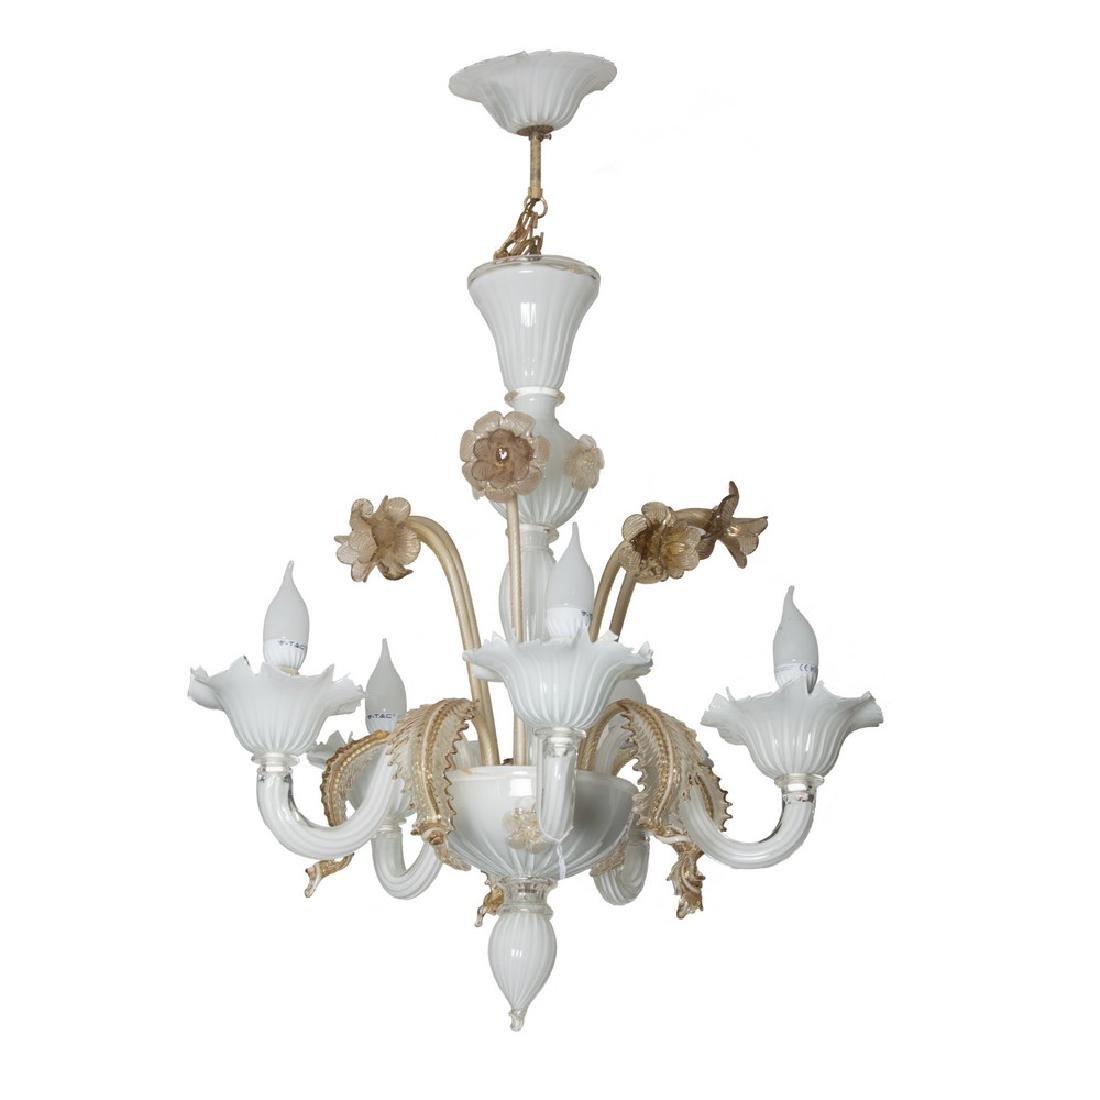 LAMPADARIO a cinque luci in vetro di Murano nei toni